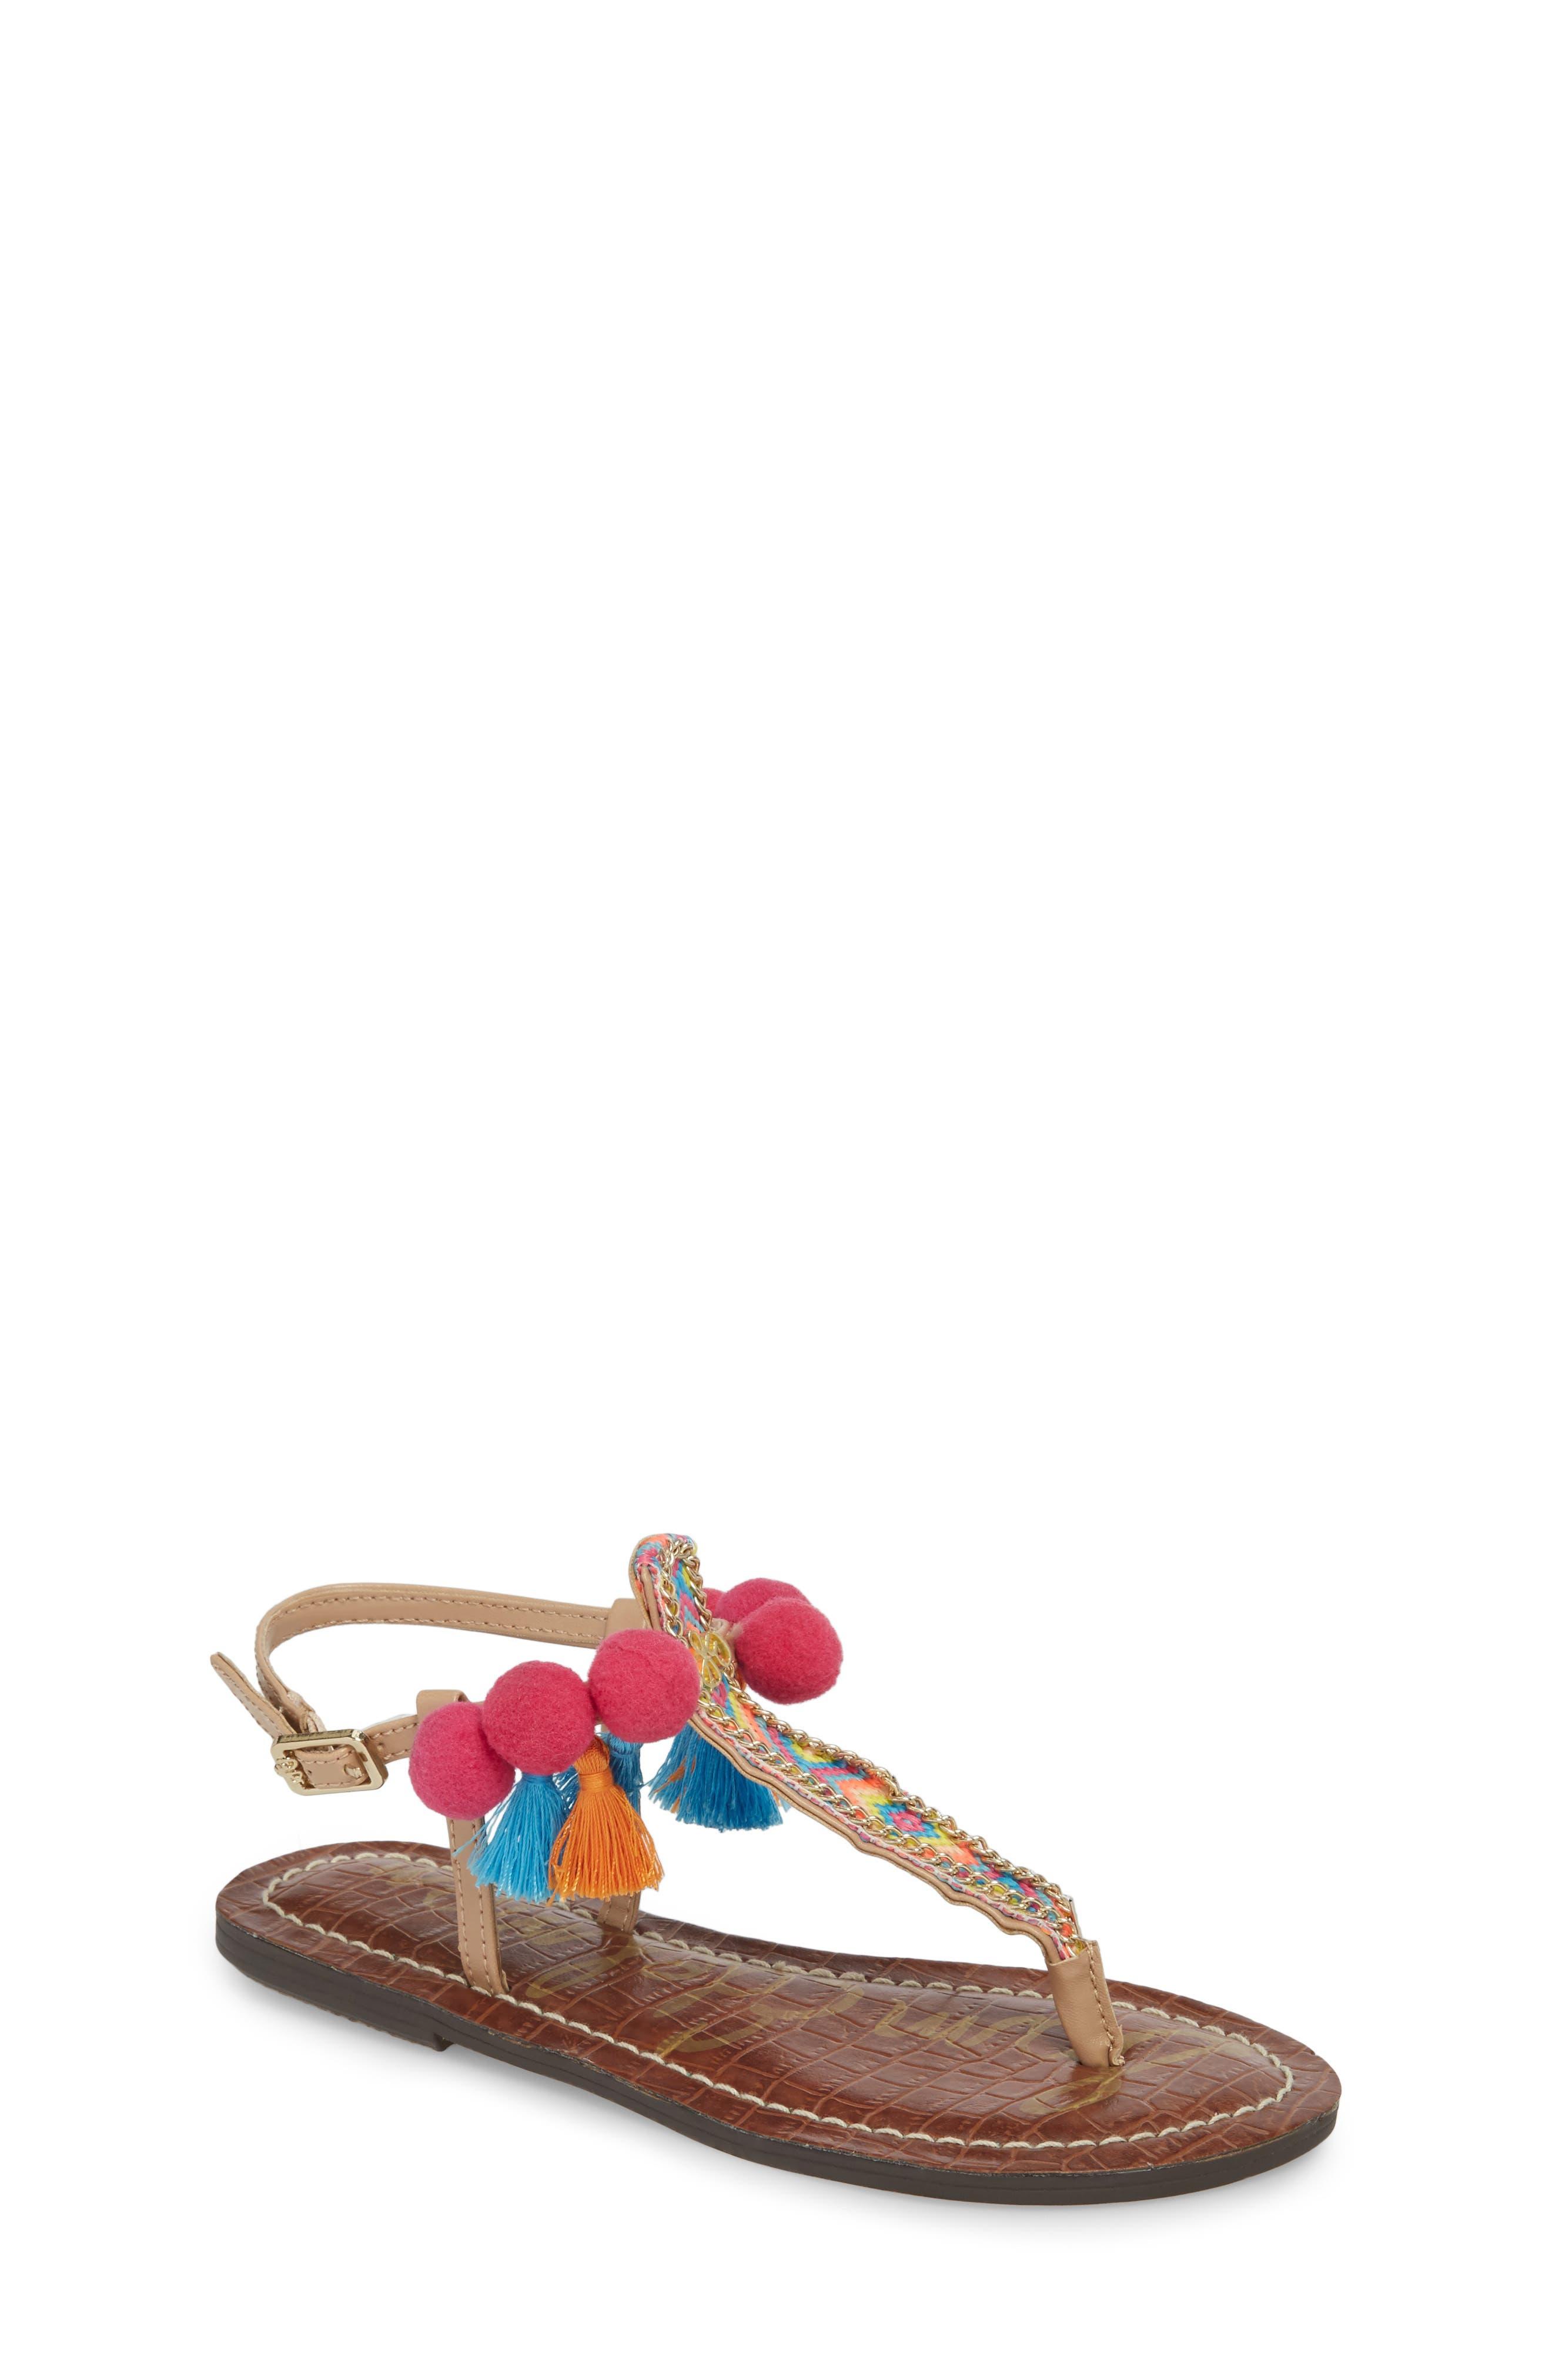 Gigi Embellished Thong Sandal,                         Main,                         color, Natural Faux Leather